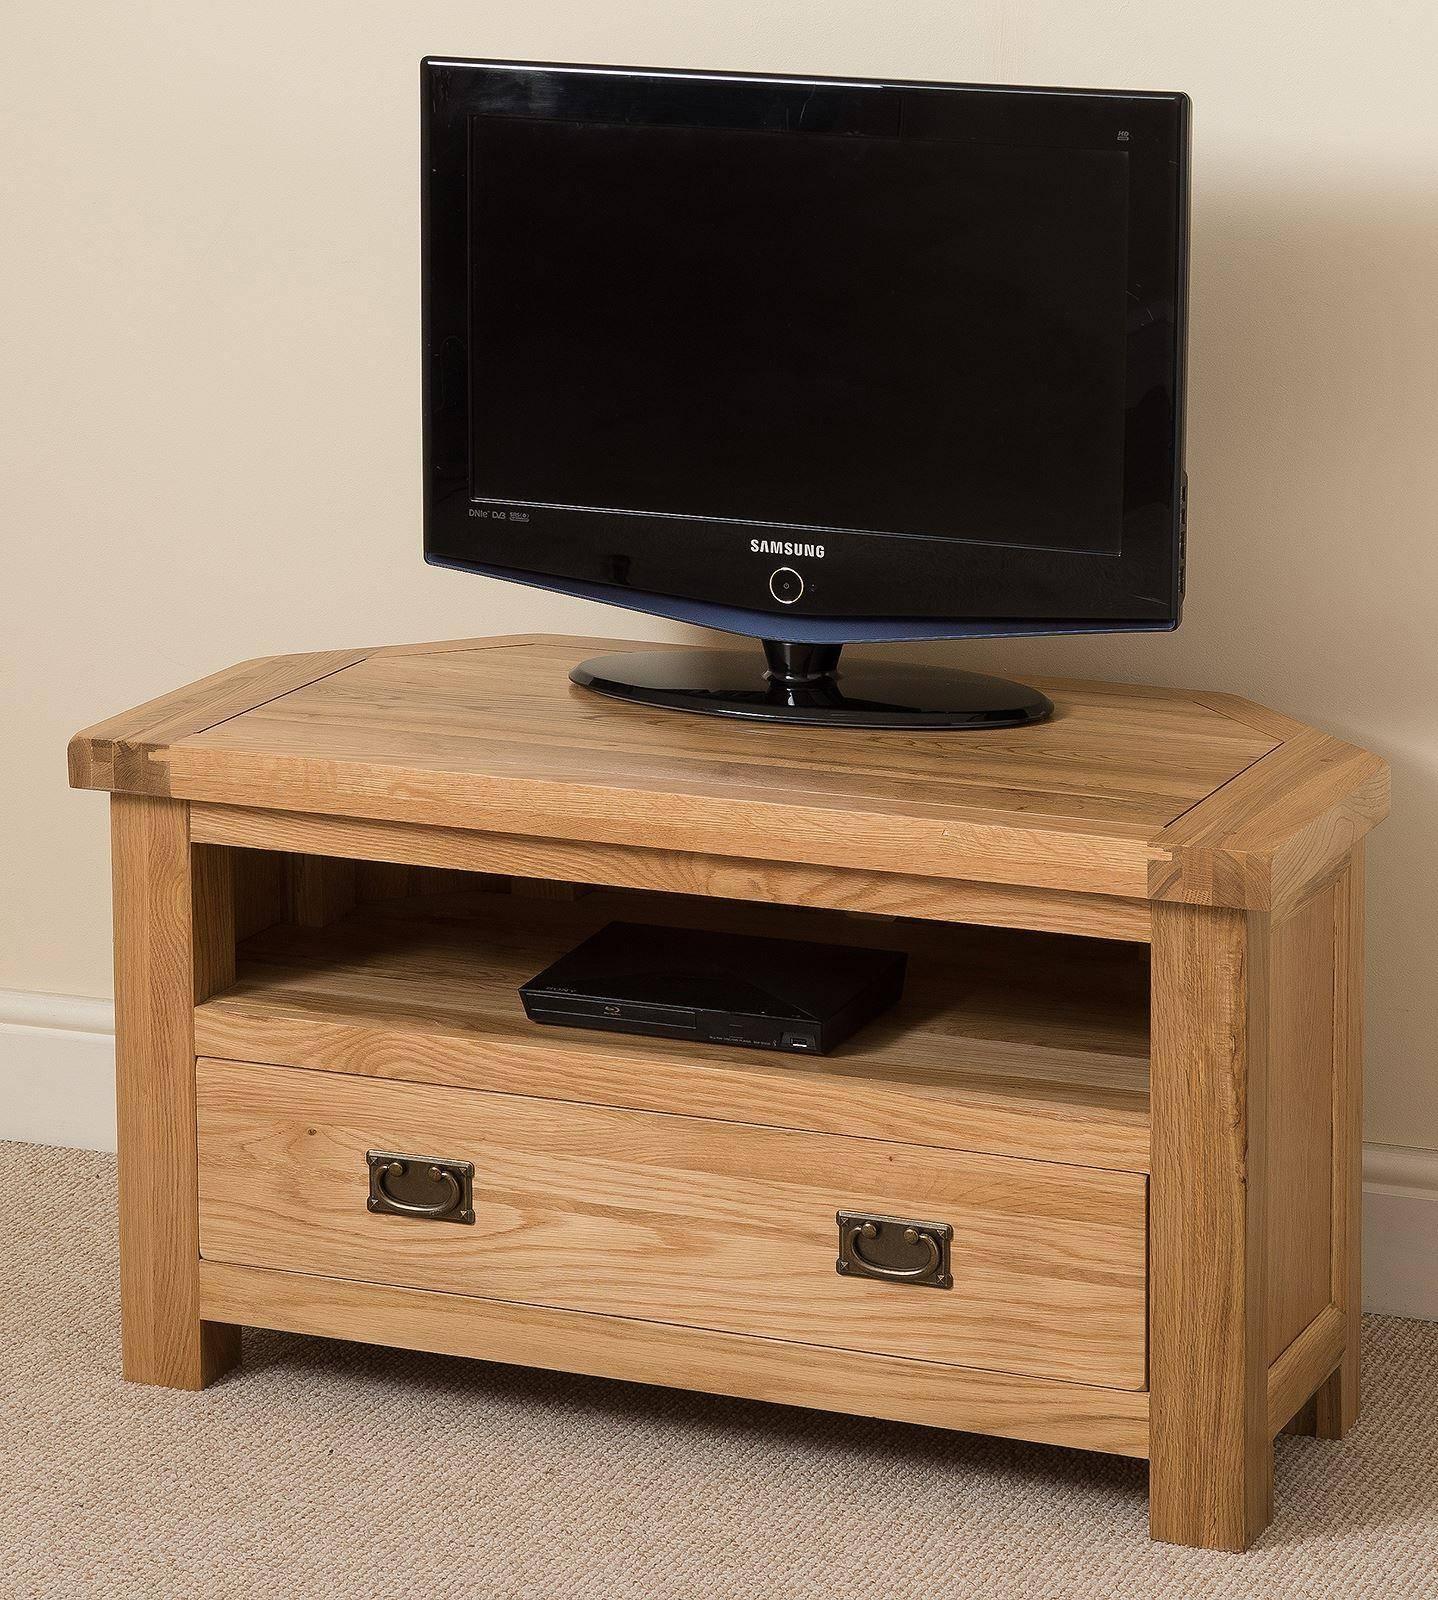 Cottage Light Solid Oak Corner Tv Cabinet | Oak Furniture King with regard to Light Oak Corner Tv Cabinets (Image 2 of 15)